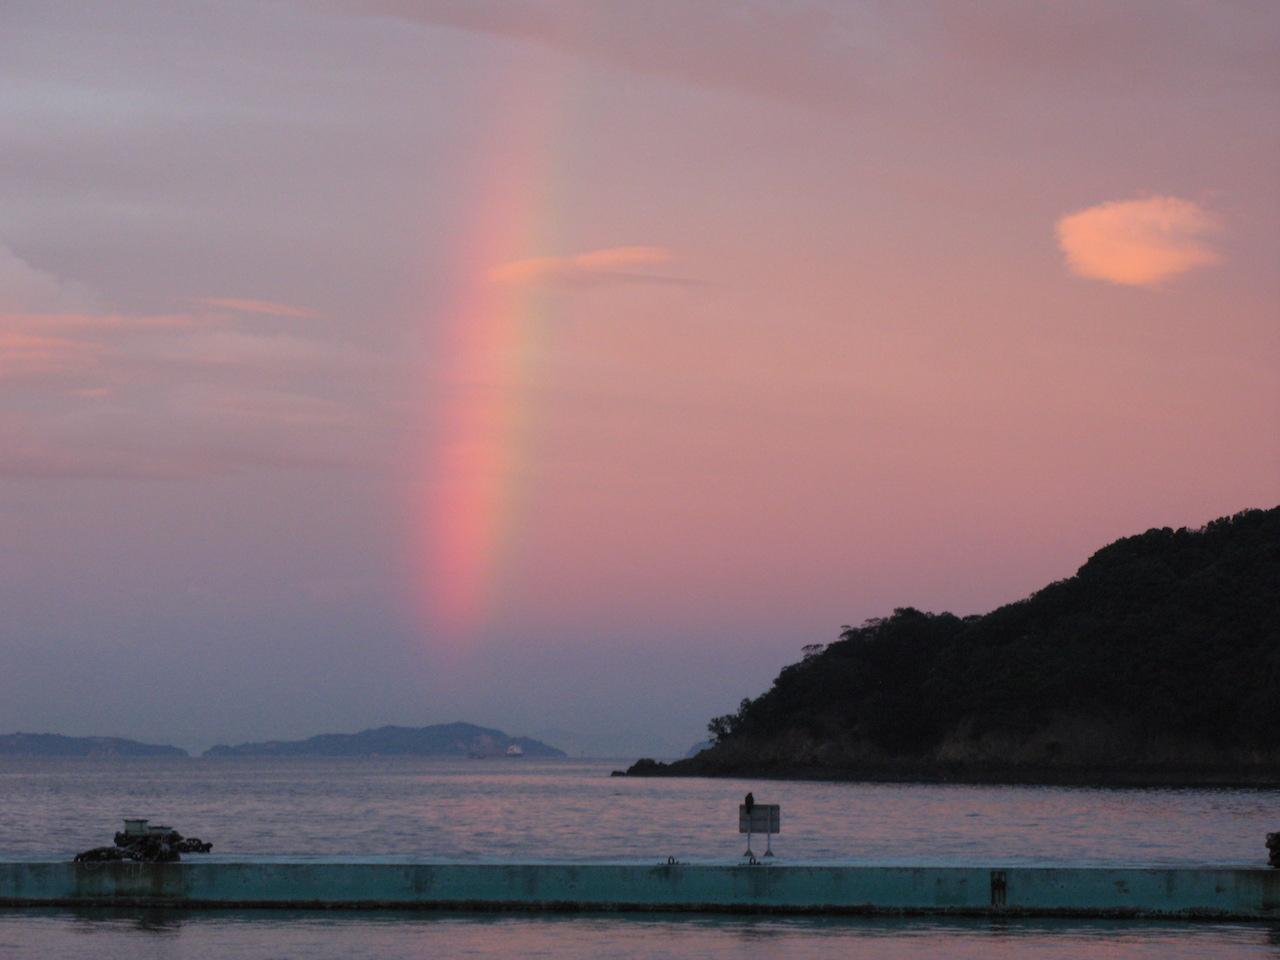 広島県 鞆の浦にかかる虹